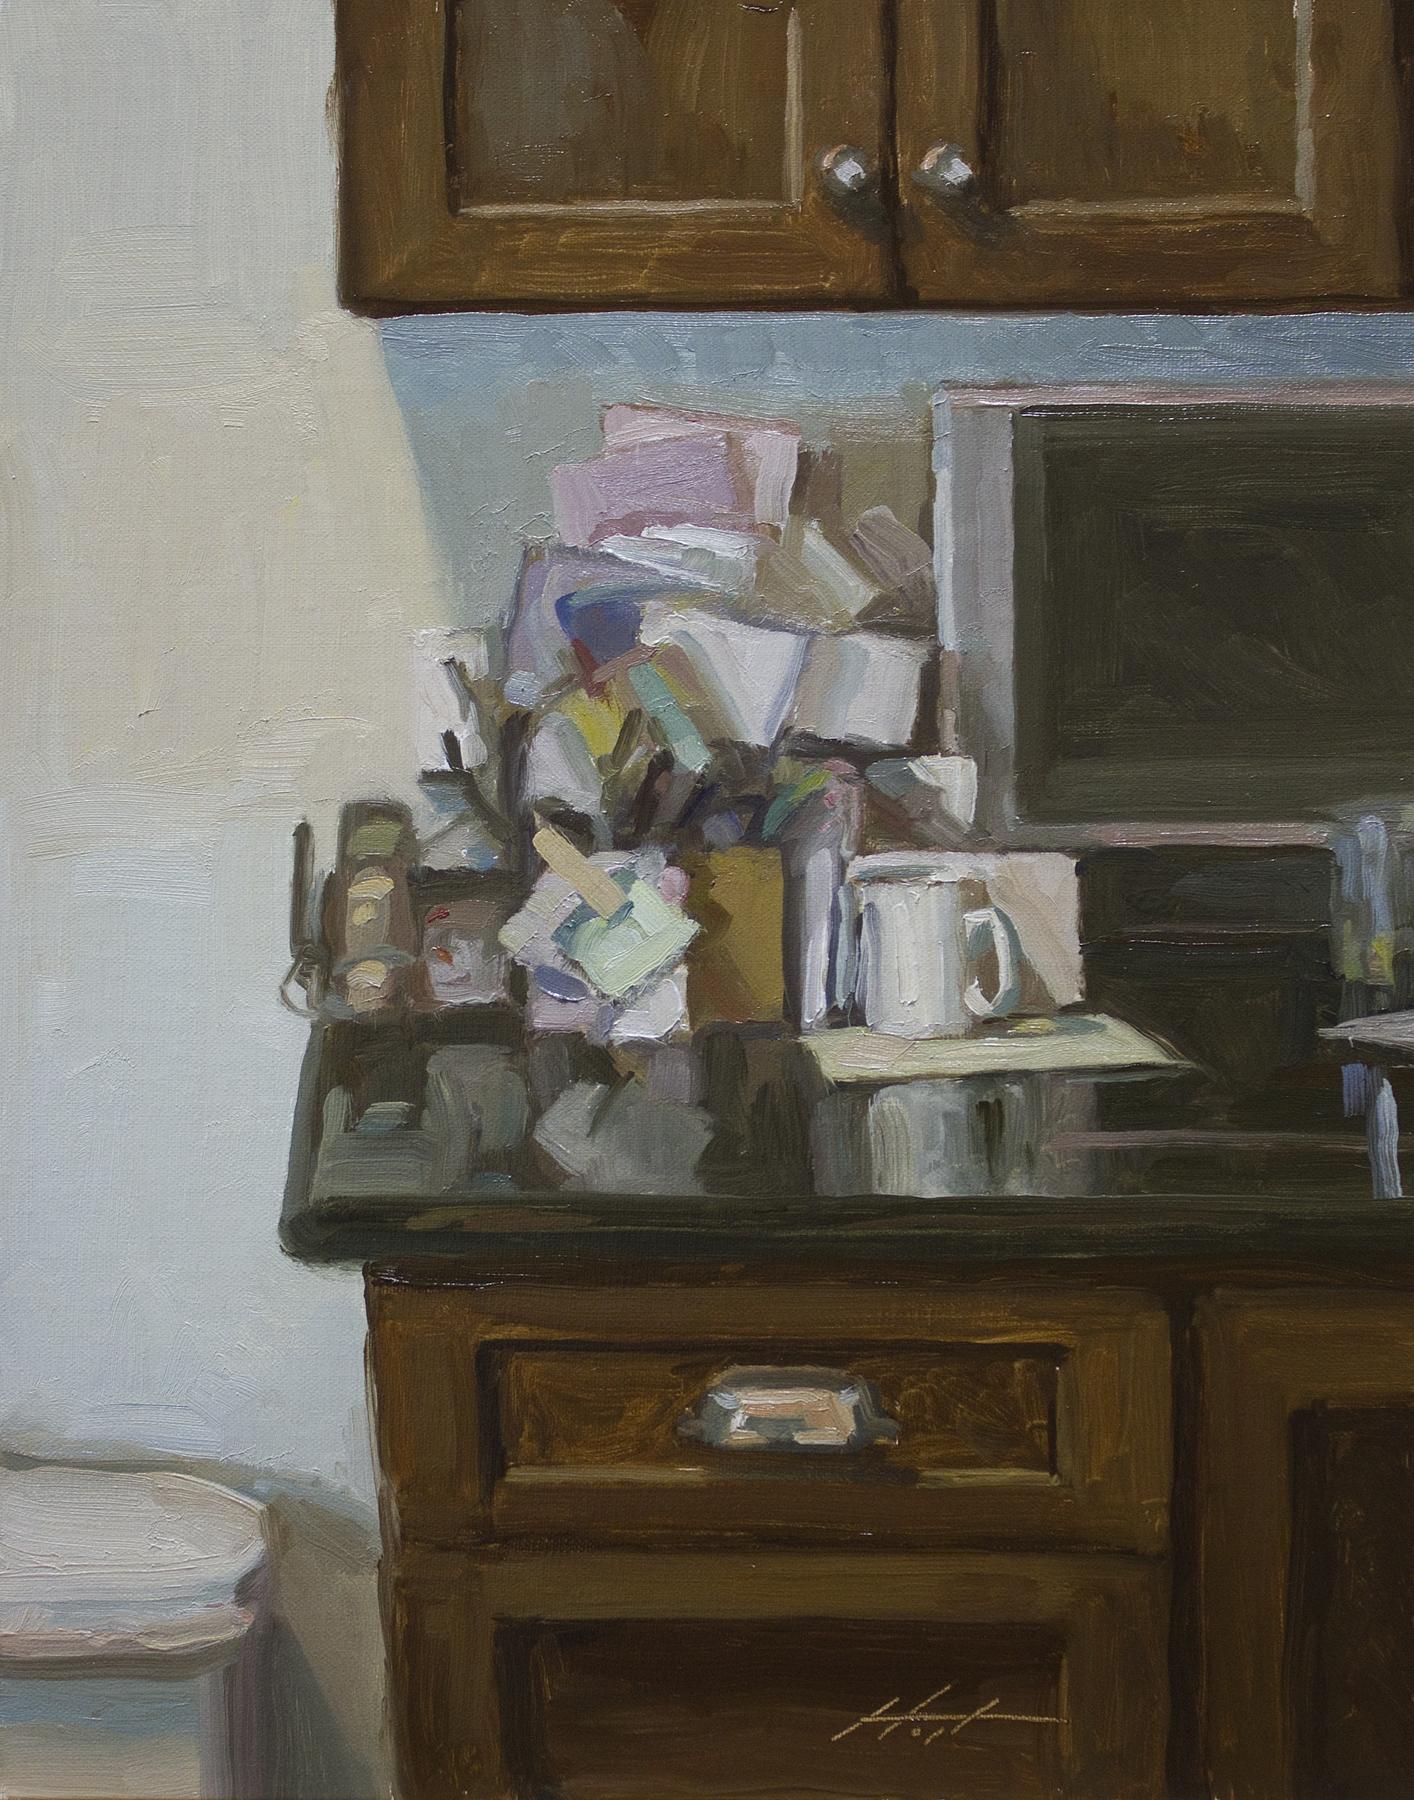 kitchen_2-16-15.jpg